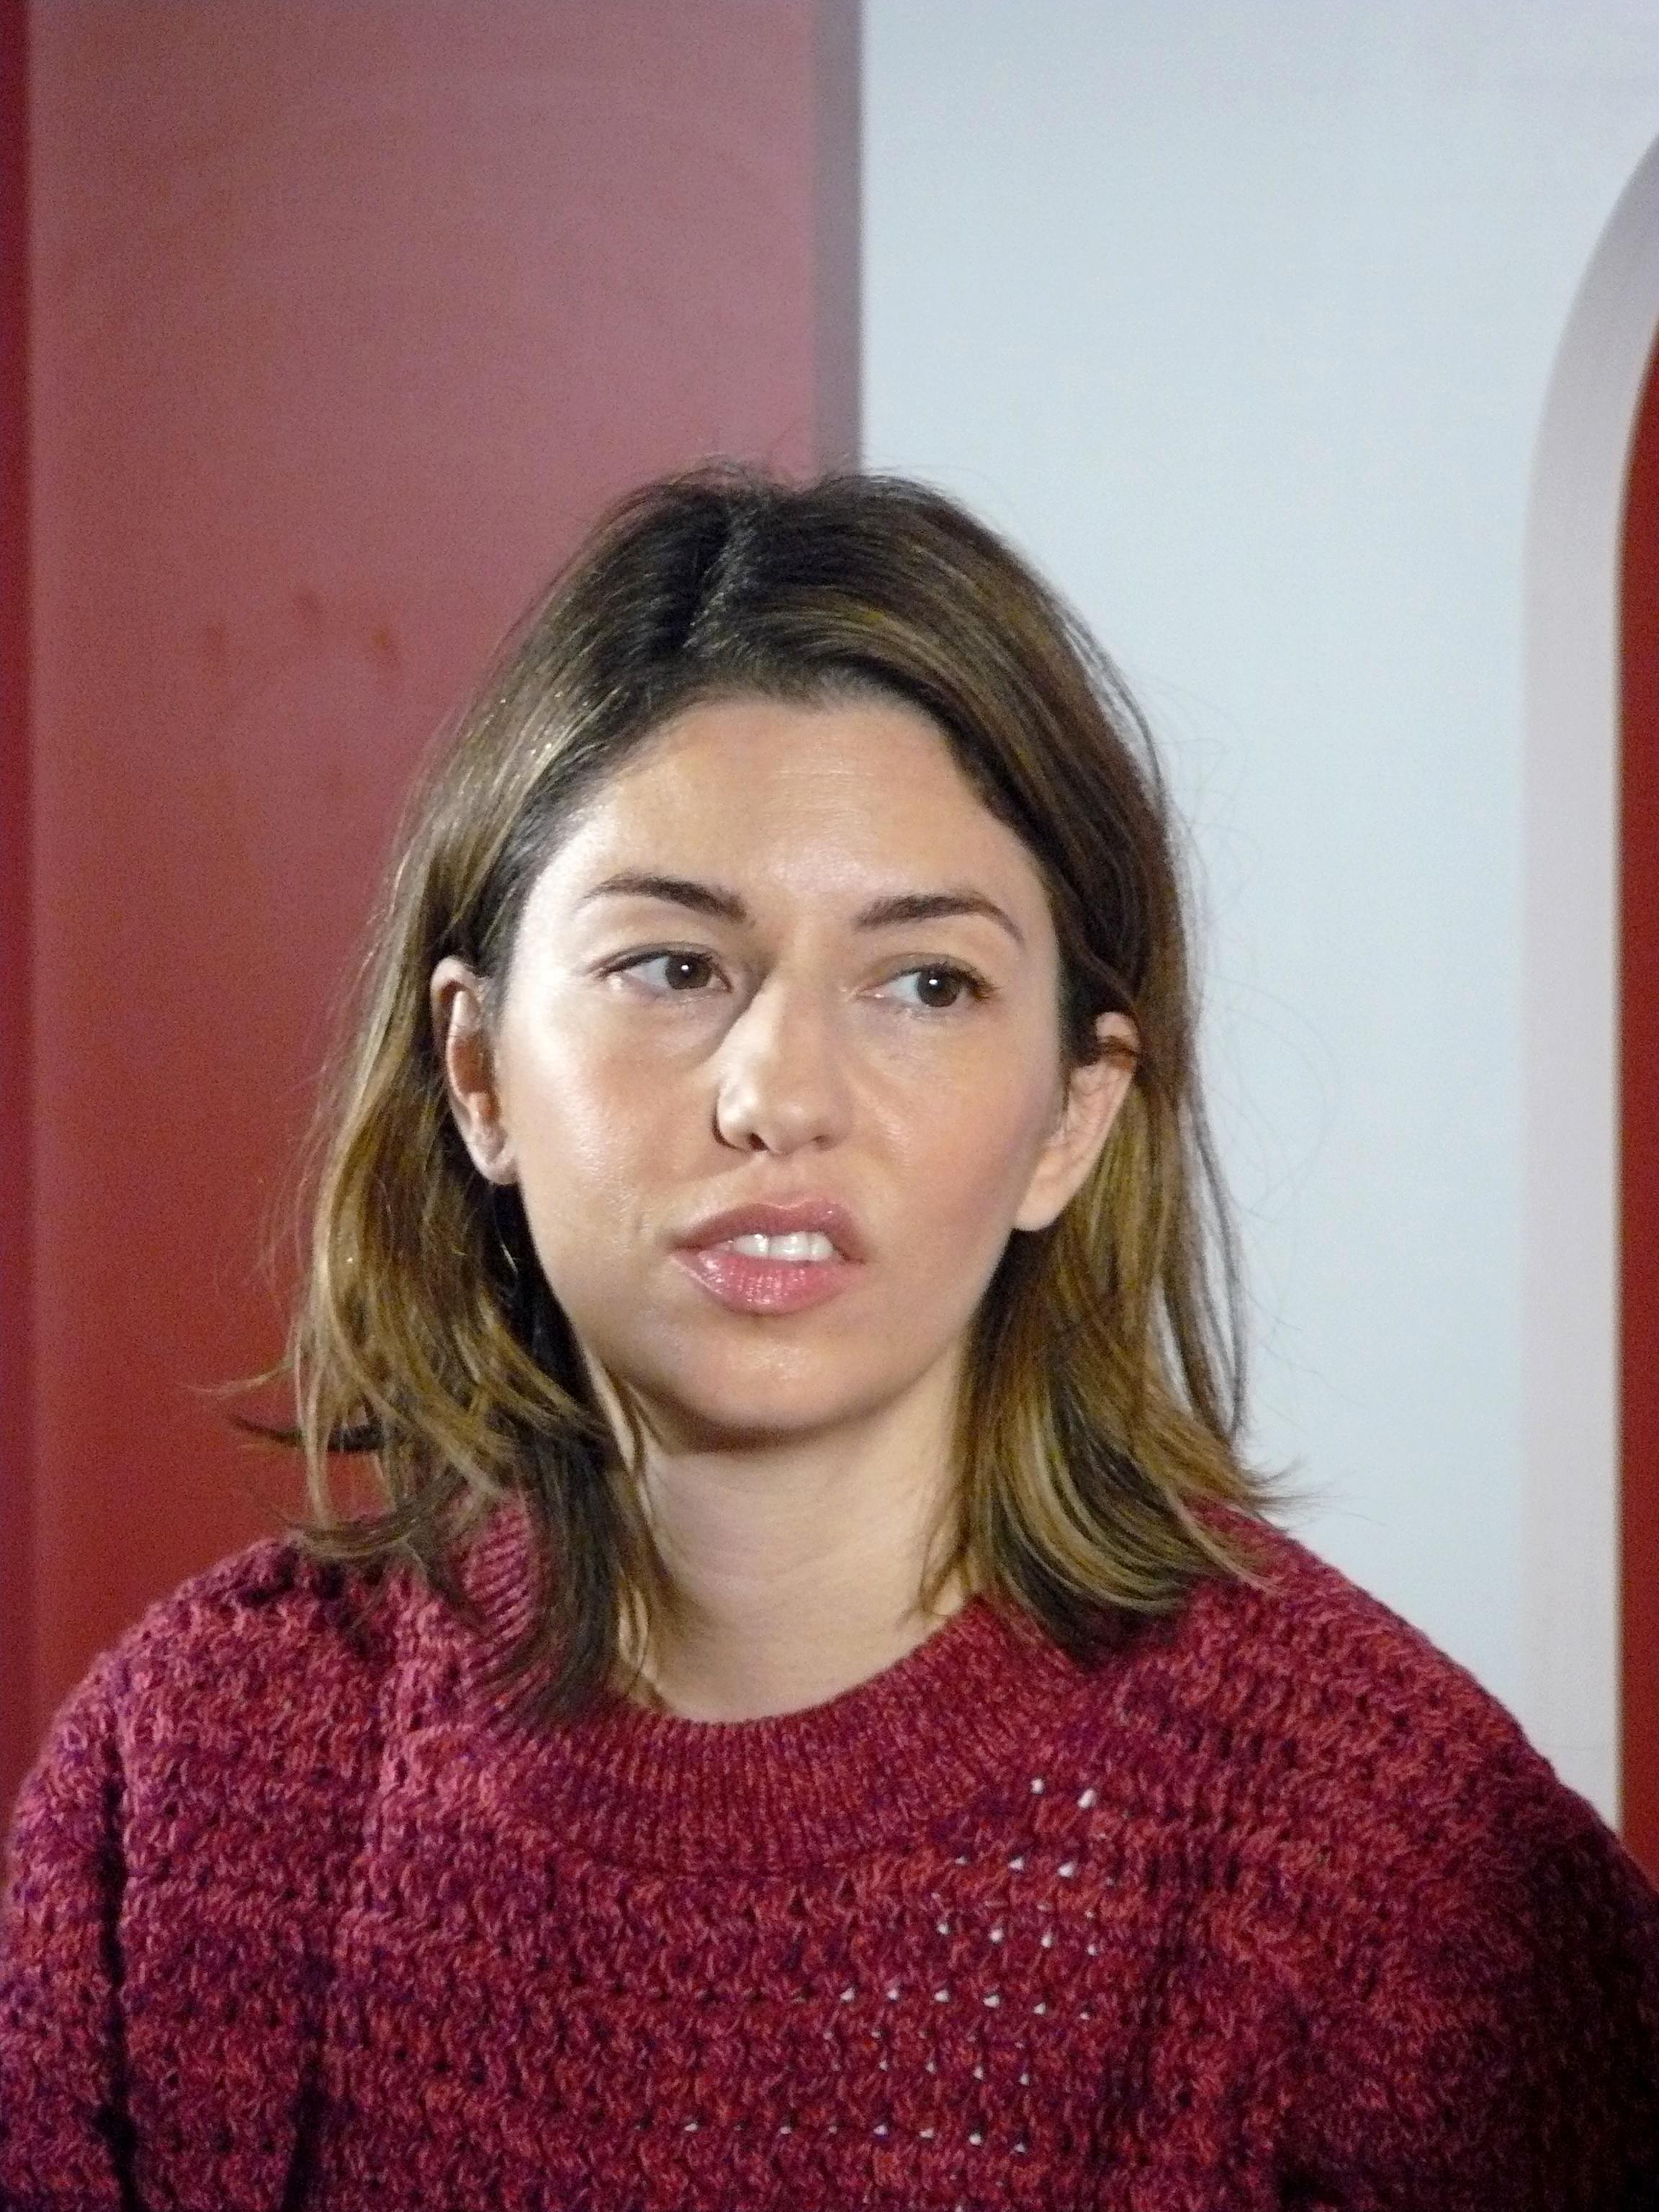 http://upload.wikimedia.org/wikipedia/commons/9/98/Sofia_Coppola_2010_e.jpg